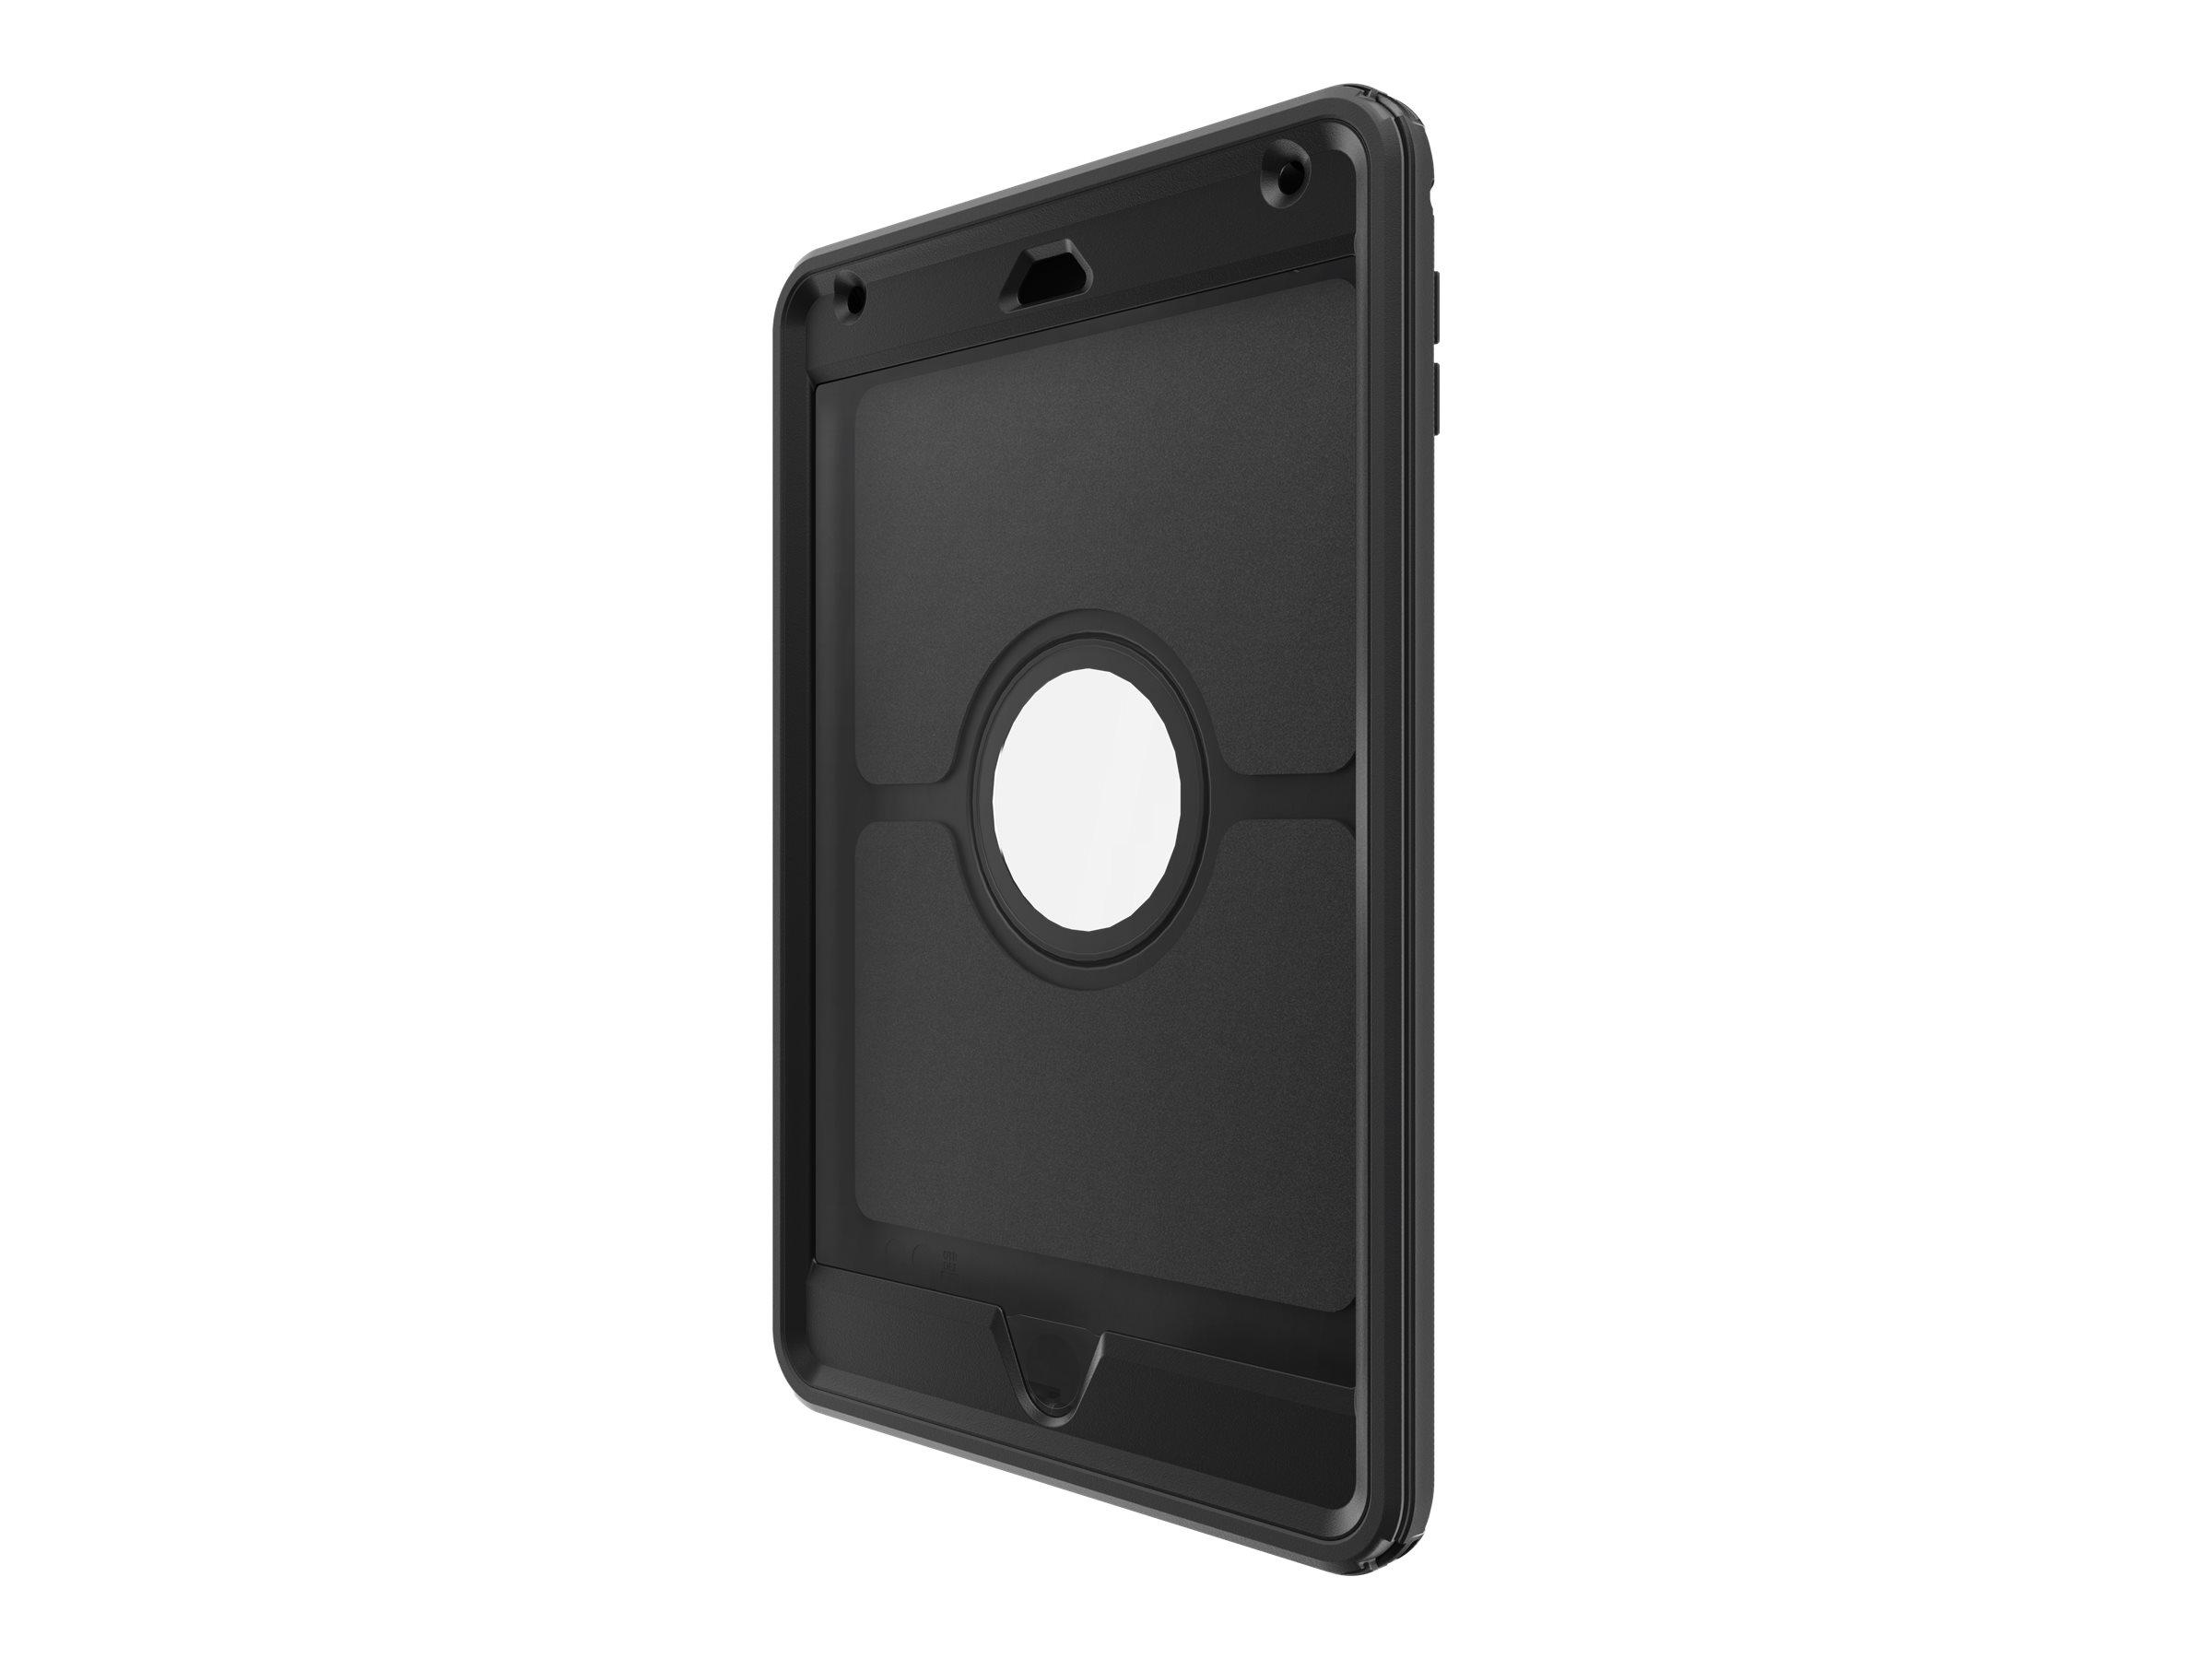 OtterBox Defender Series - Schutzhülle für Tablet - widerstandsfähig - Polycarbonat, Kunstfaser - Schwarz - für Apple iPad mini